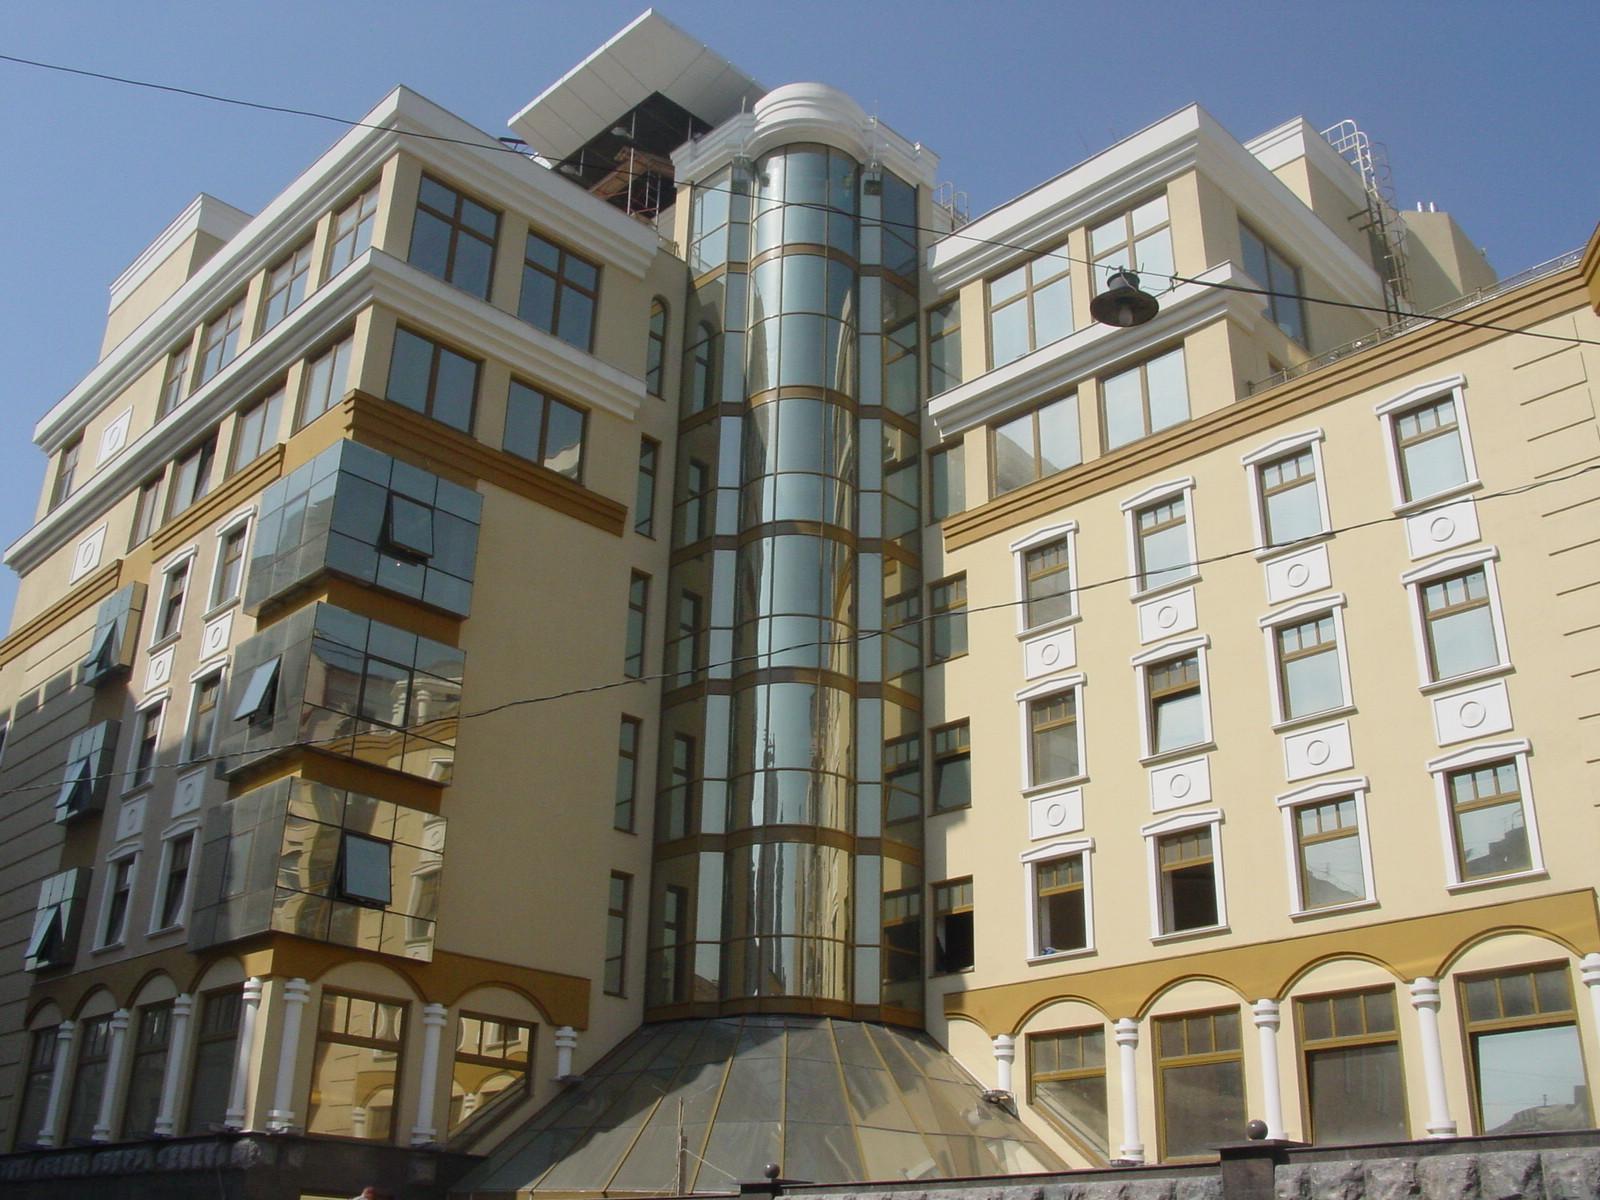 Архитектурные элементы на фасадах